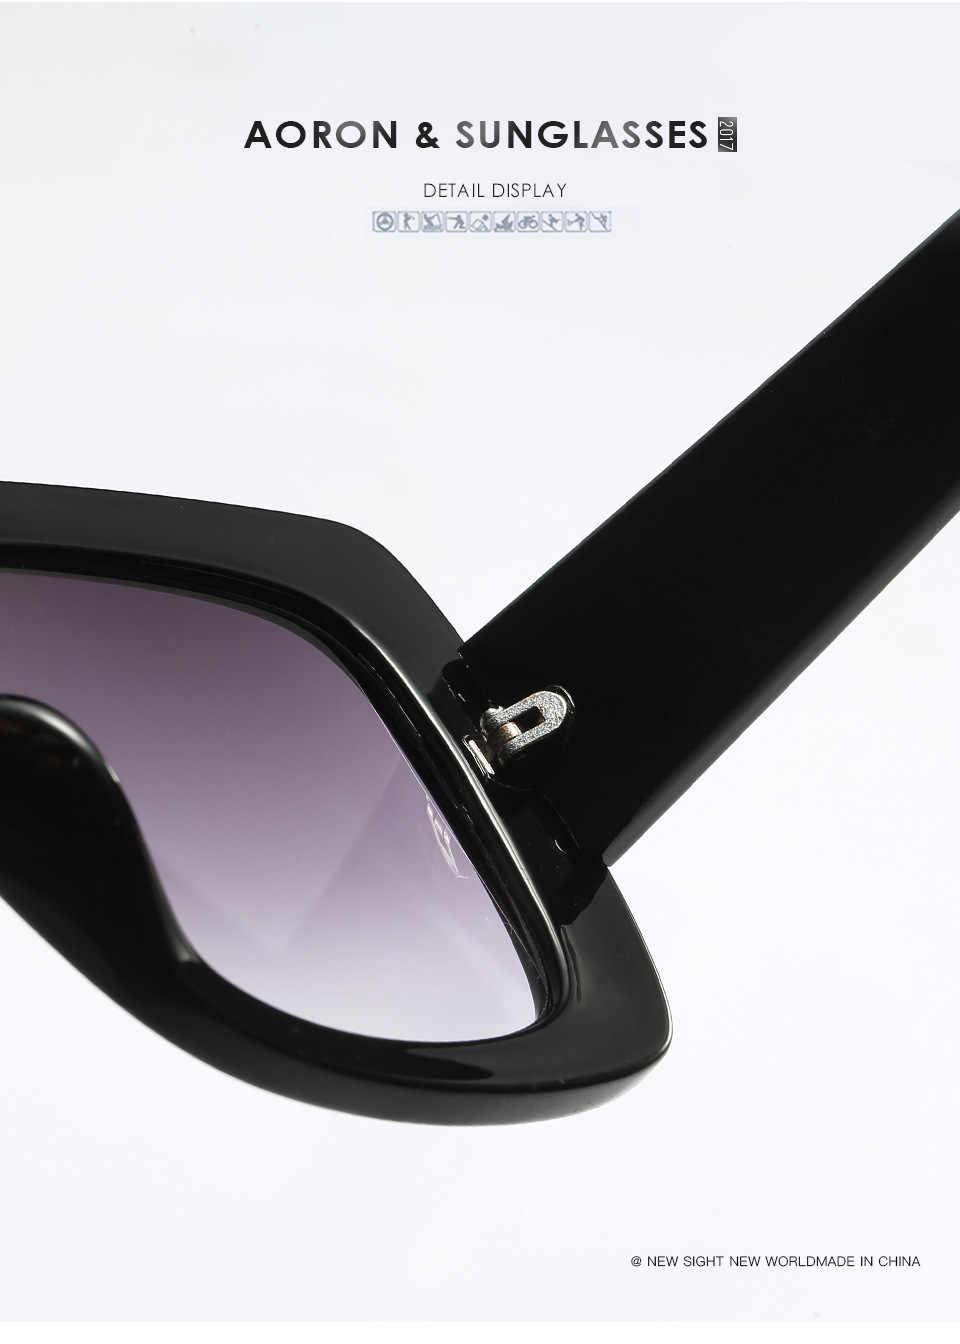 2018 frauen Mode Luxus Klassische Brillen Weibliche Sonnenbrille Hohe qualität A410